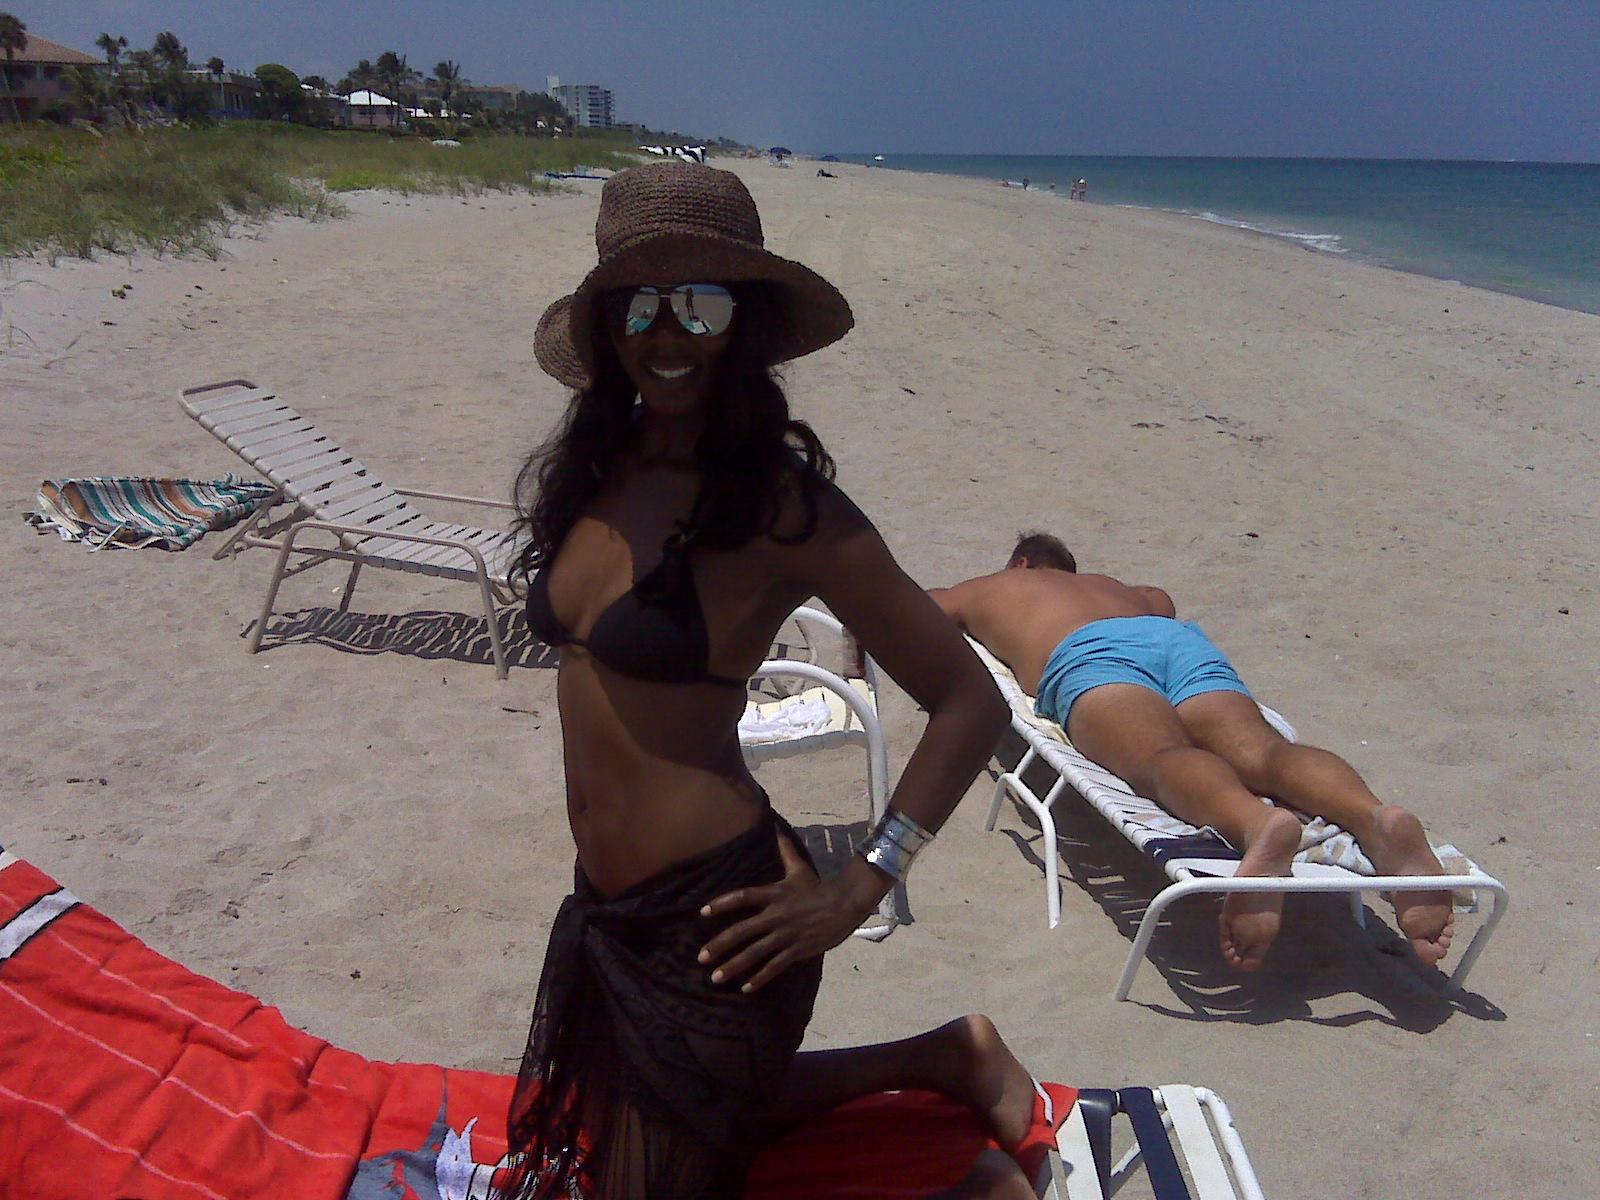 http://3.bp.blogspot.com/_GDXA5CBEOLE/S_56VoV8a6I/AAAAAAAAFJw/67TsnFHSIZs/s1600/Velicia+Swimsuit.jpg